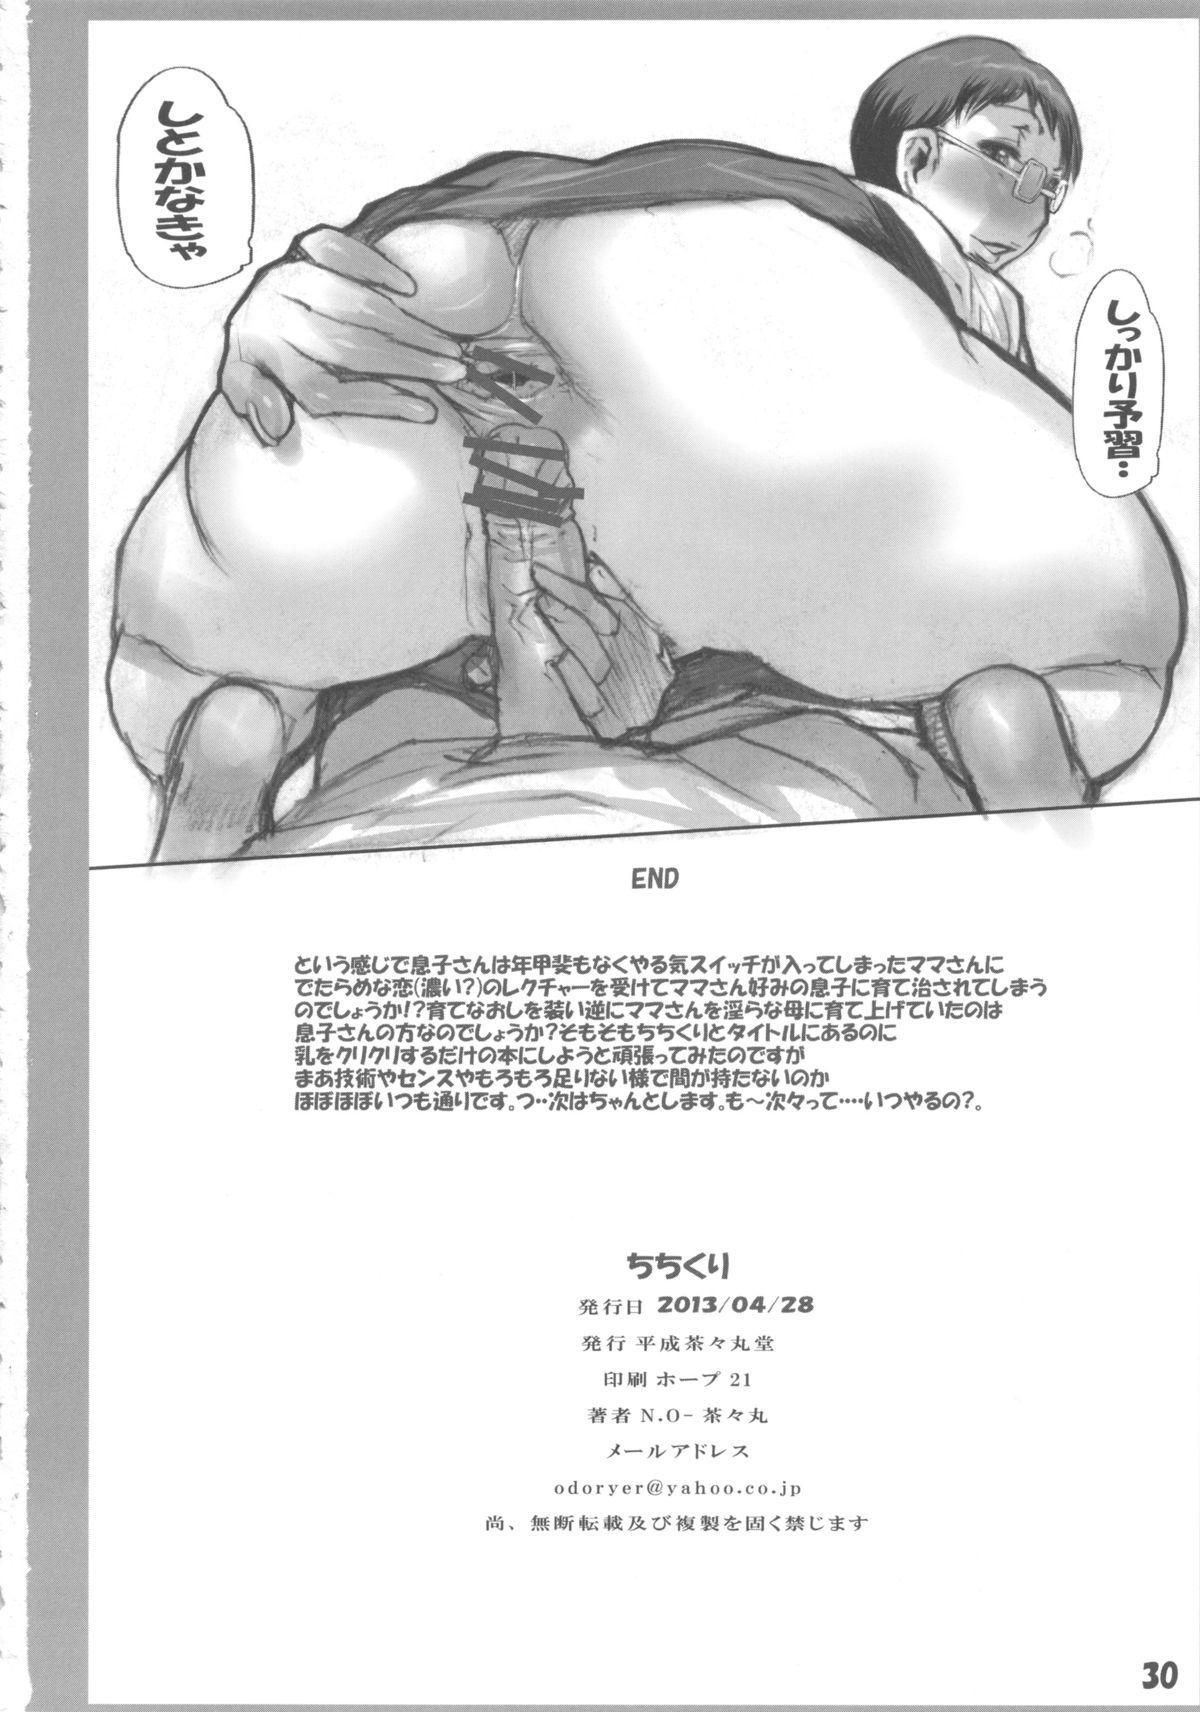 Chichikuri 28